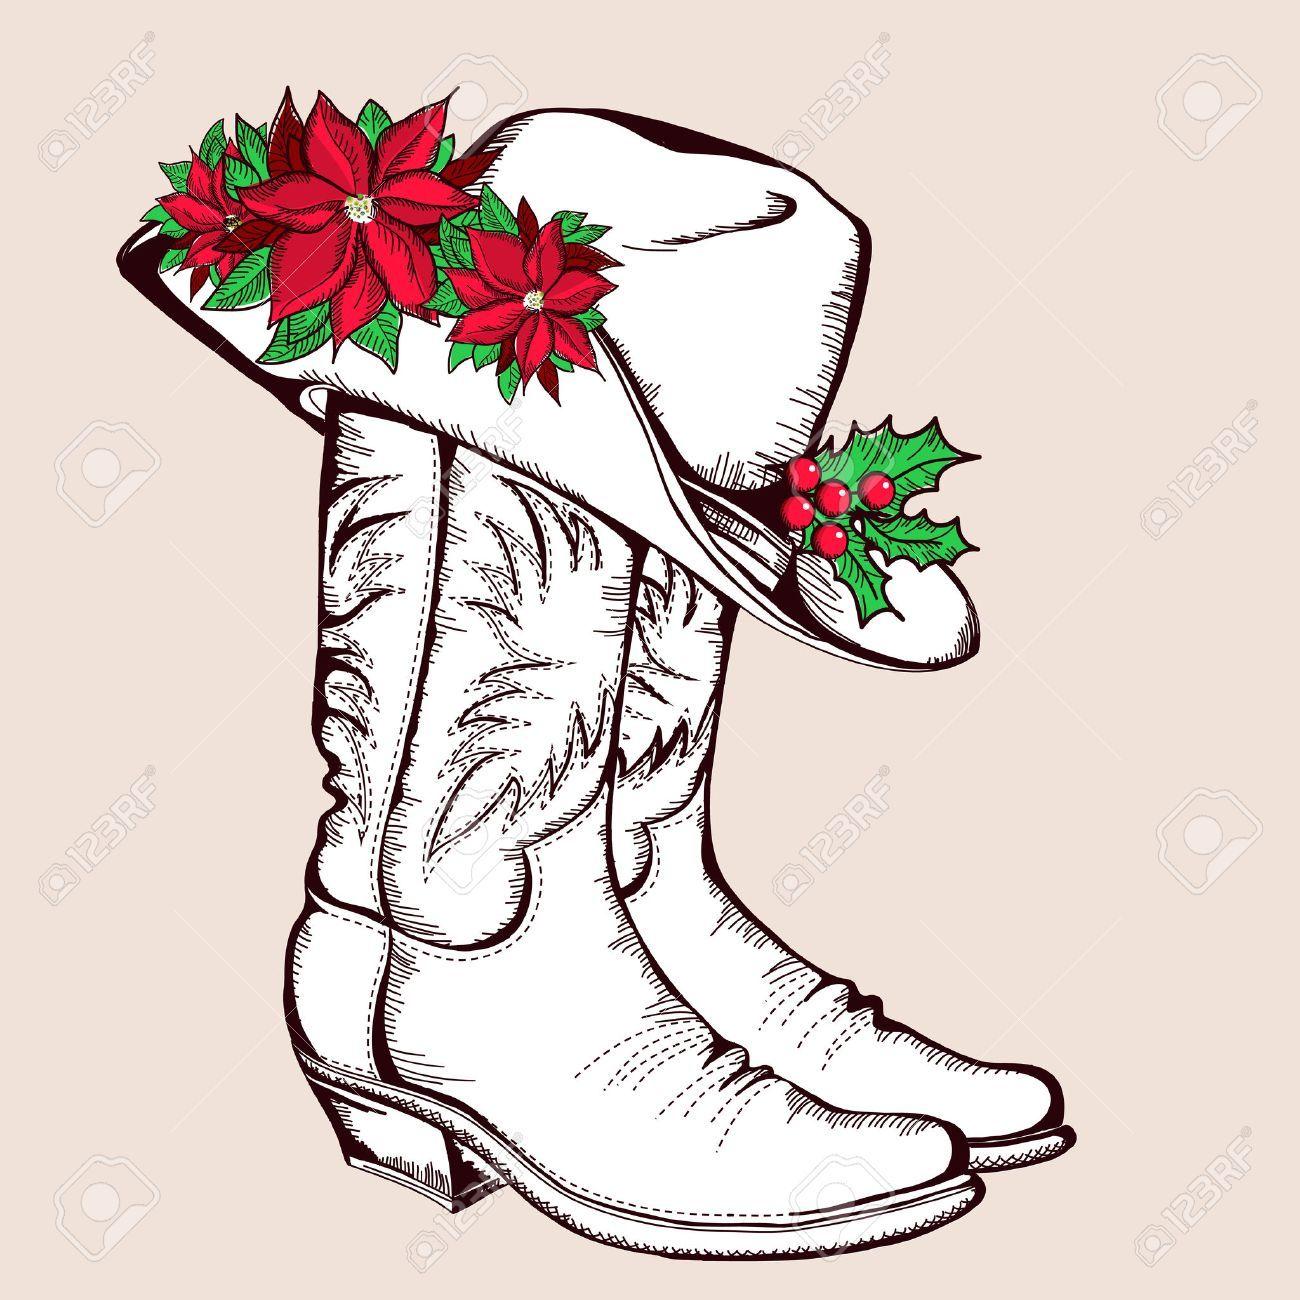 Botas de vaquero de Navidad y la ilustración gráfica hat.Vector con flor de  pascua aislados para el diseño Foto de archivo - 23321273 d12afc6a450